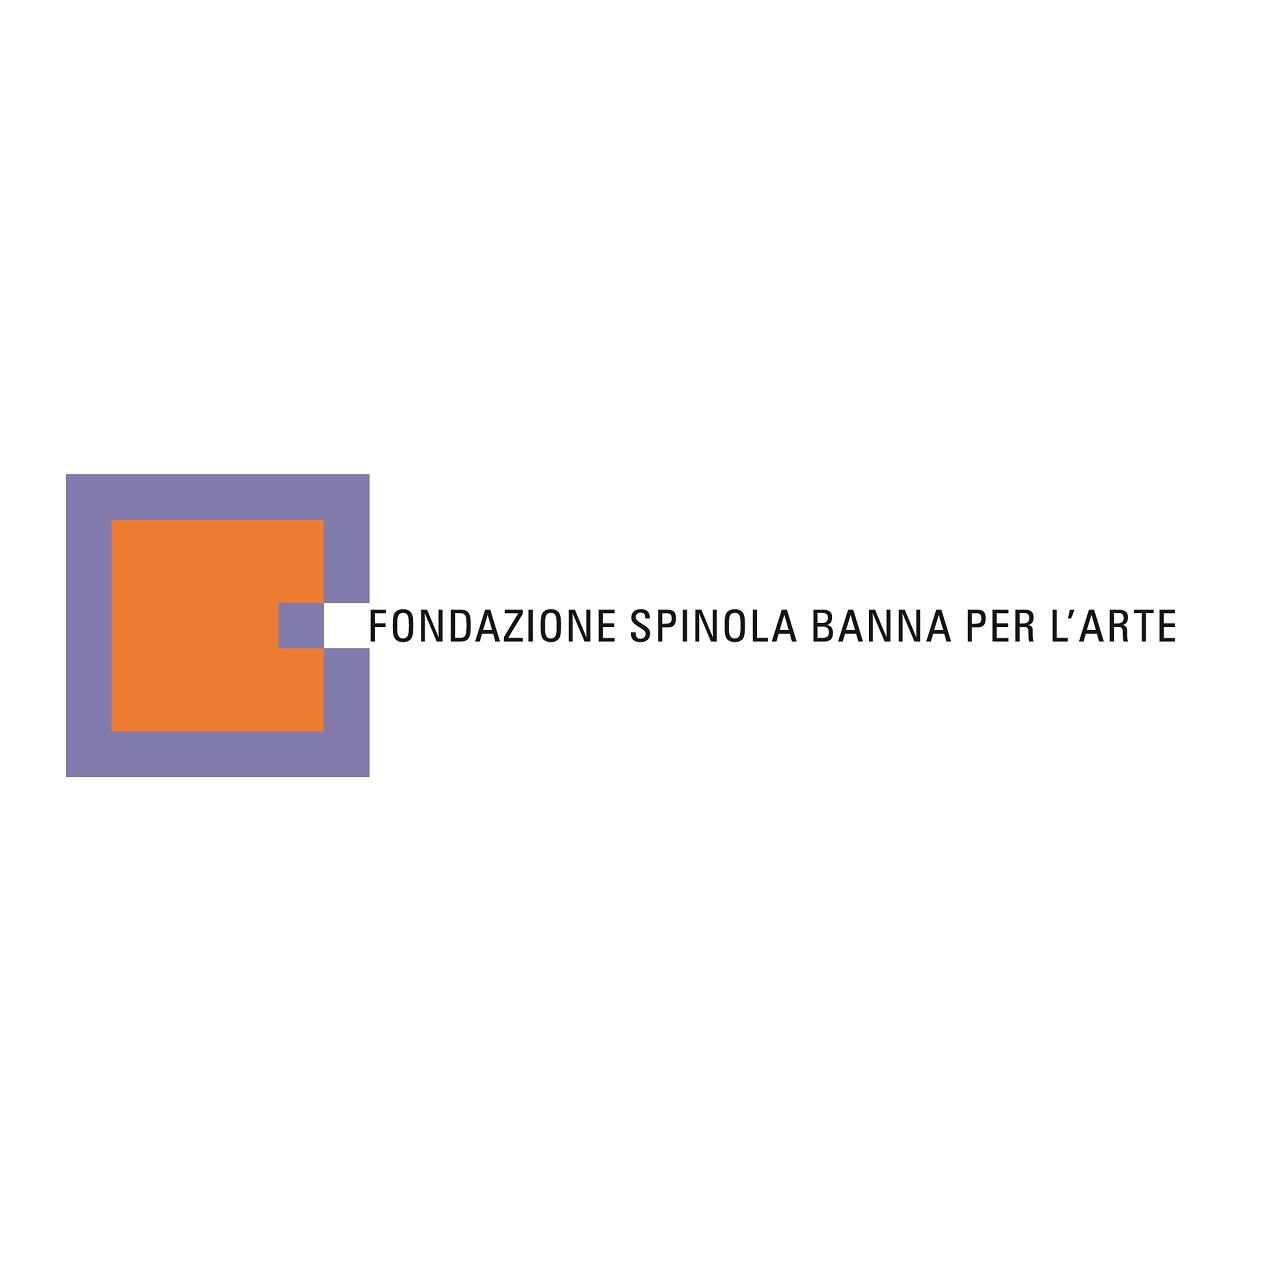 Fondazione Spinola Banna per l'Arte